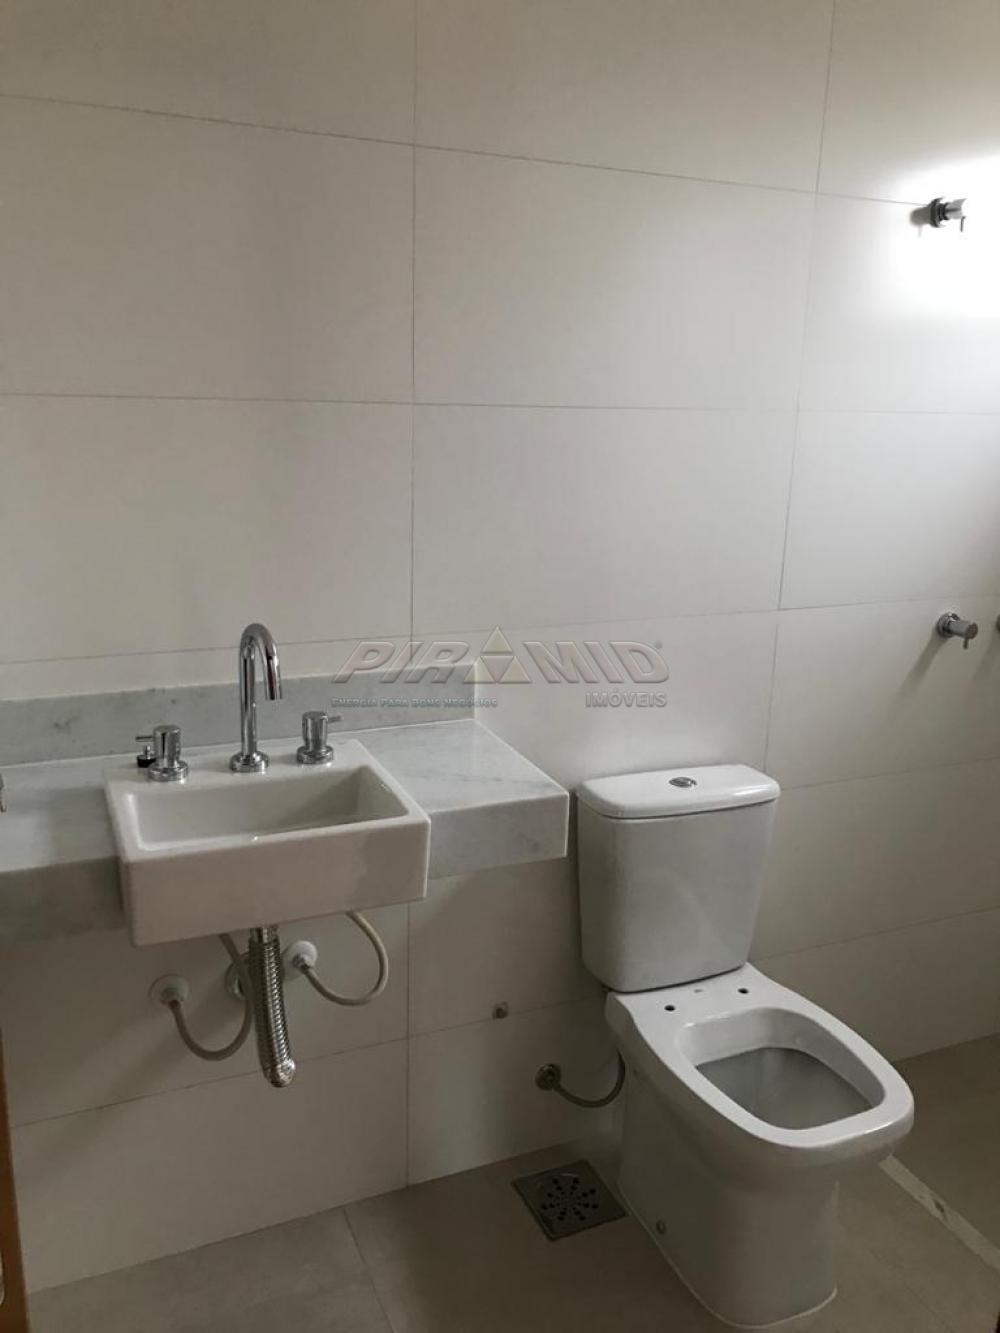 Comprar Casa / Condomínio em Ribeirão Preto apenas R$ 699.000,00 - Foto 14